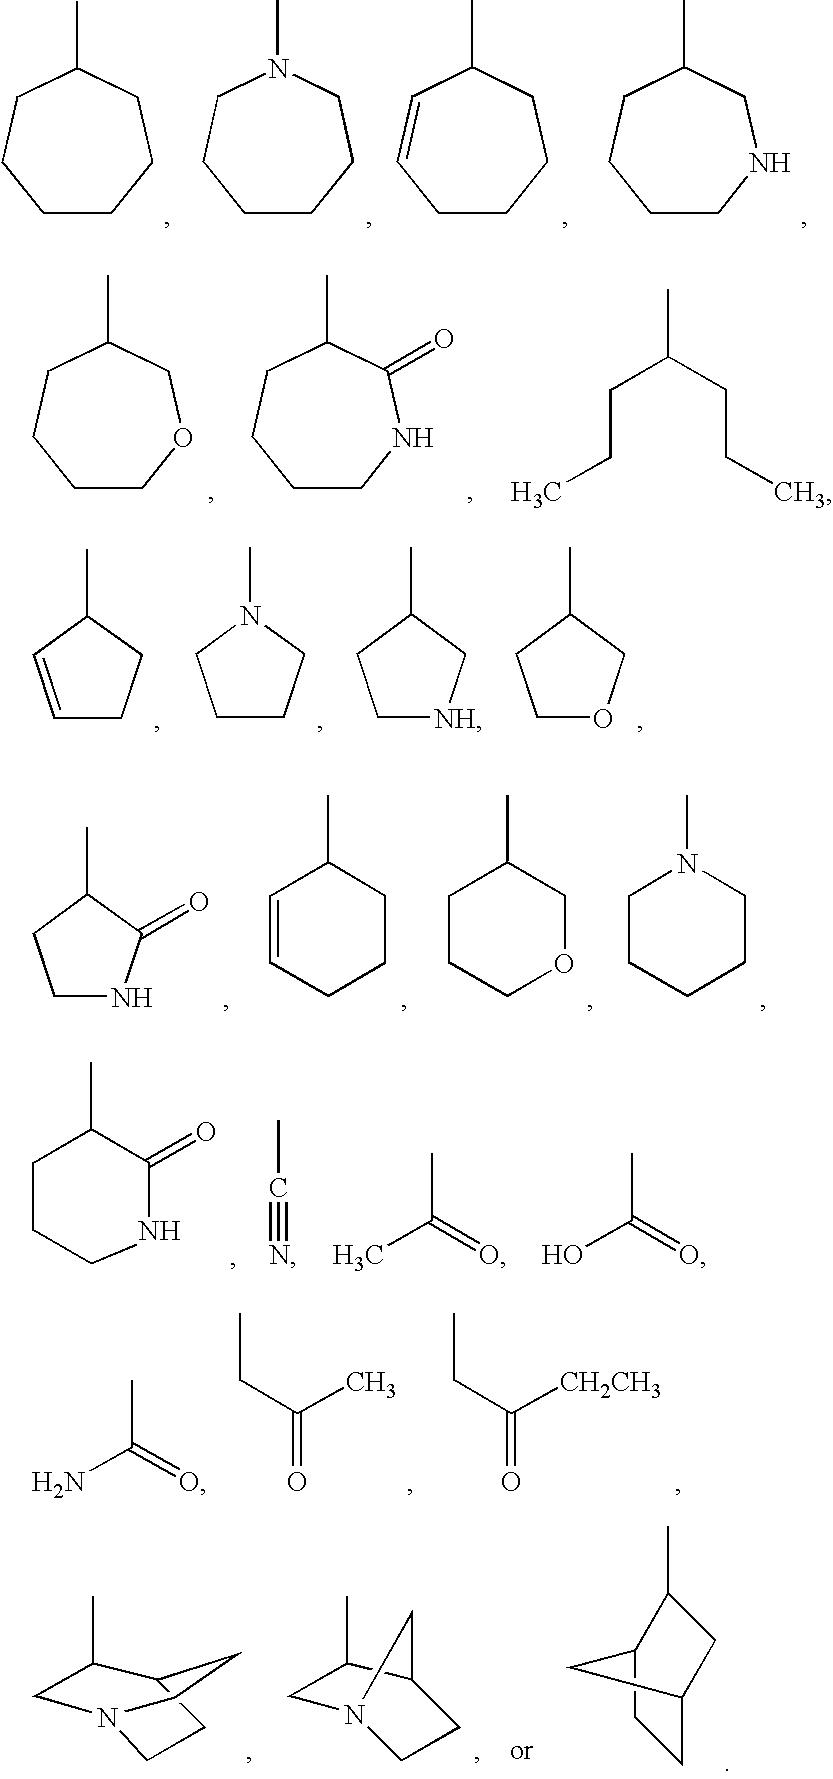 Figure US20050113341A1-20050526-C00083